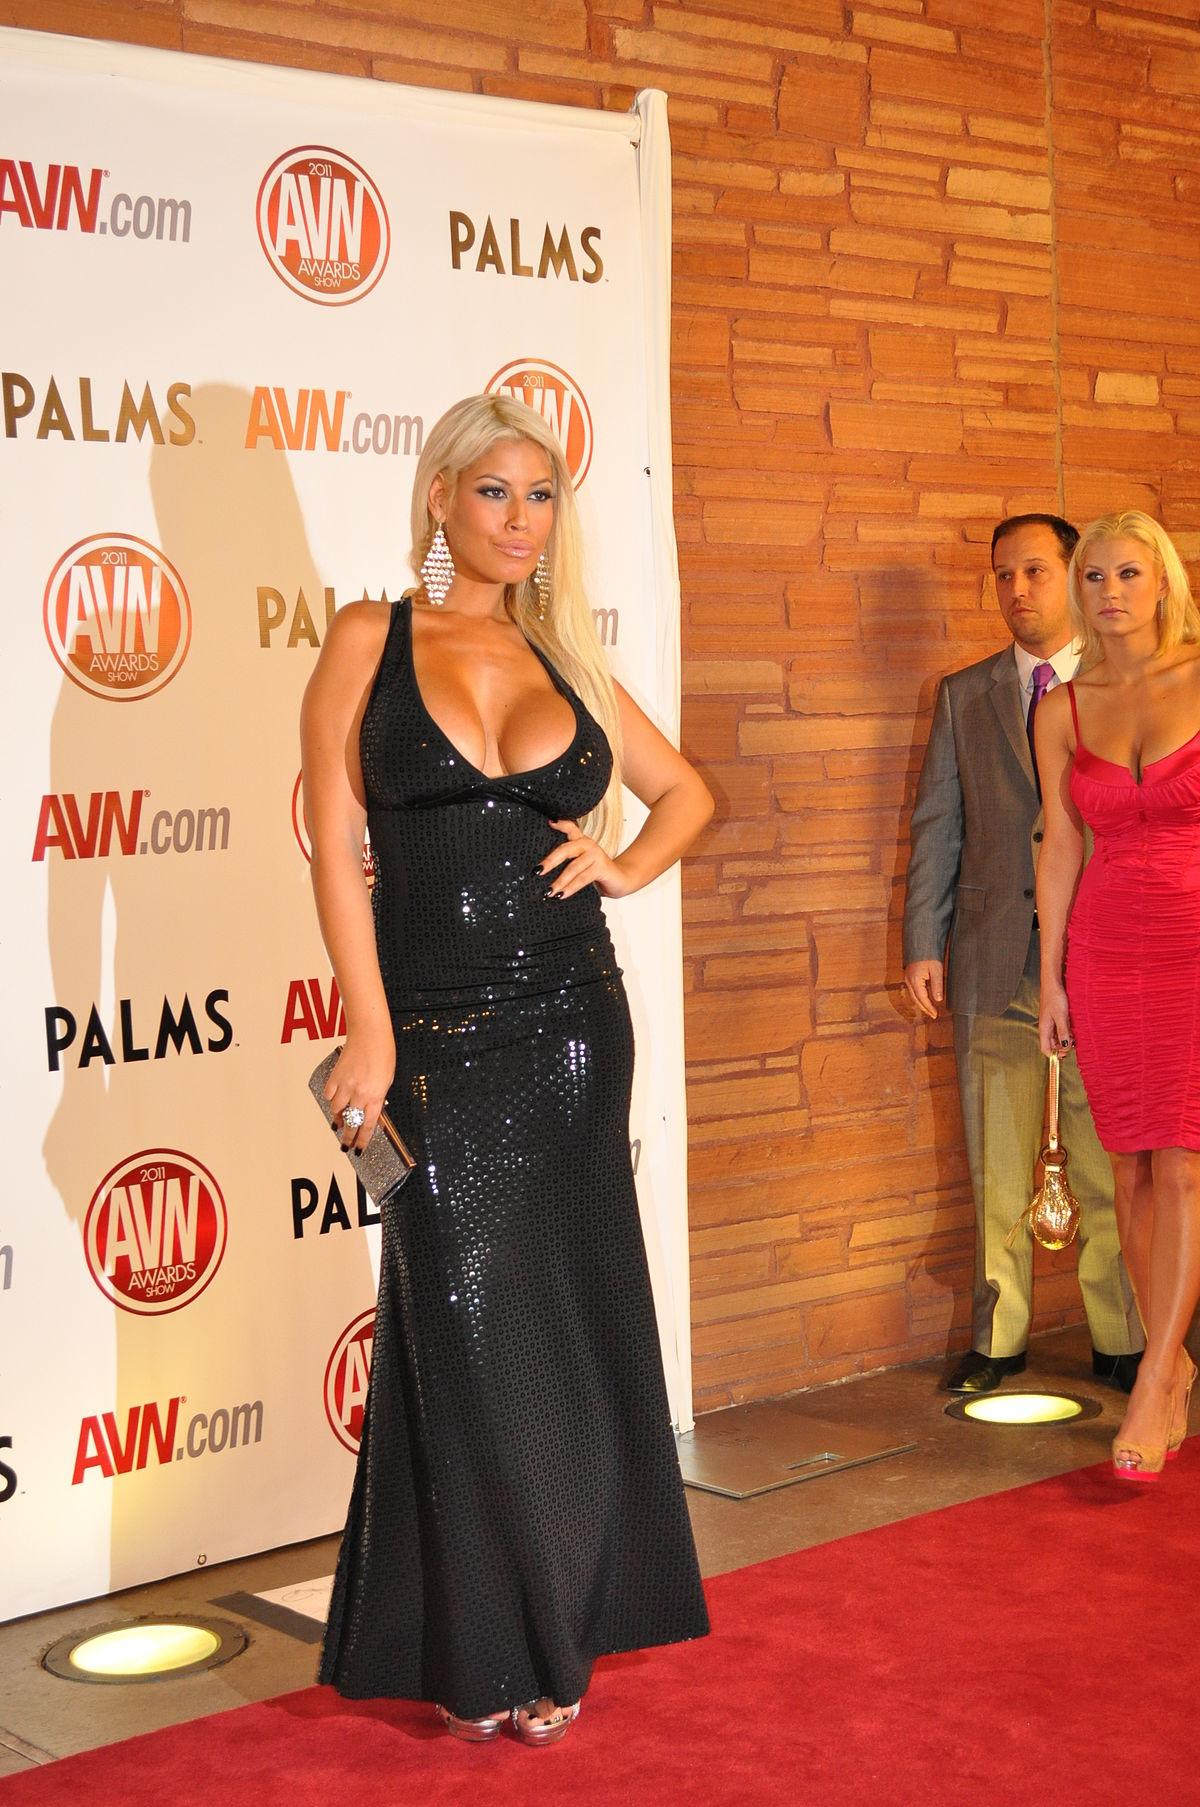 Avn Awards Wiki